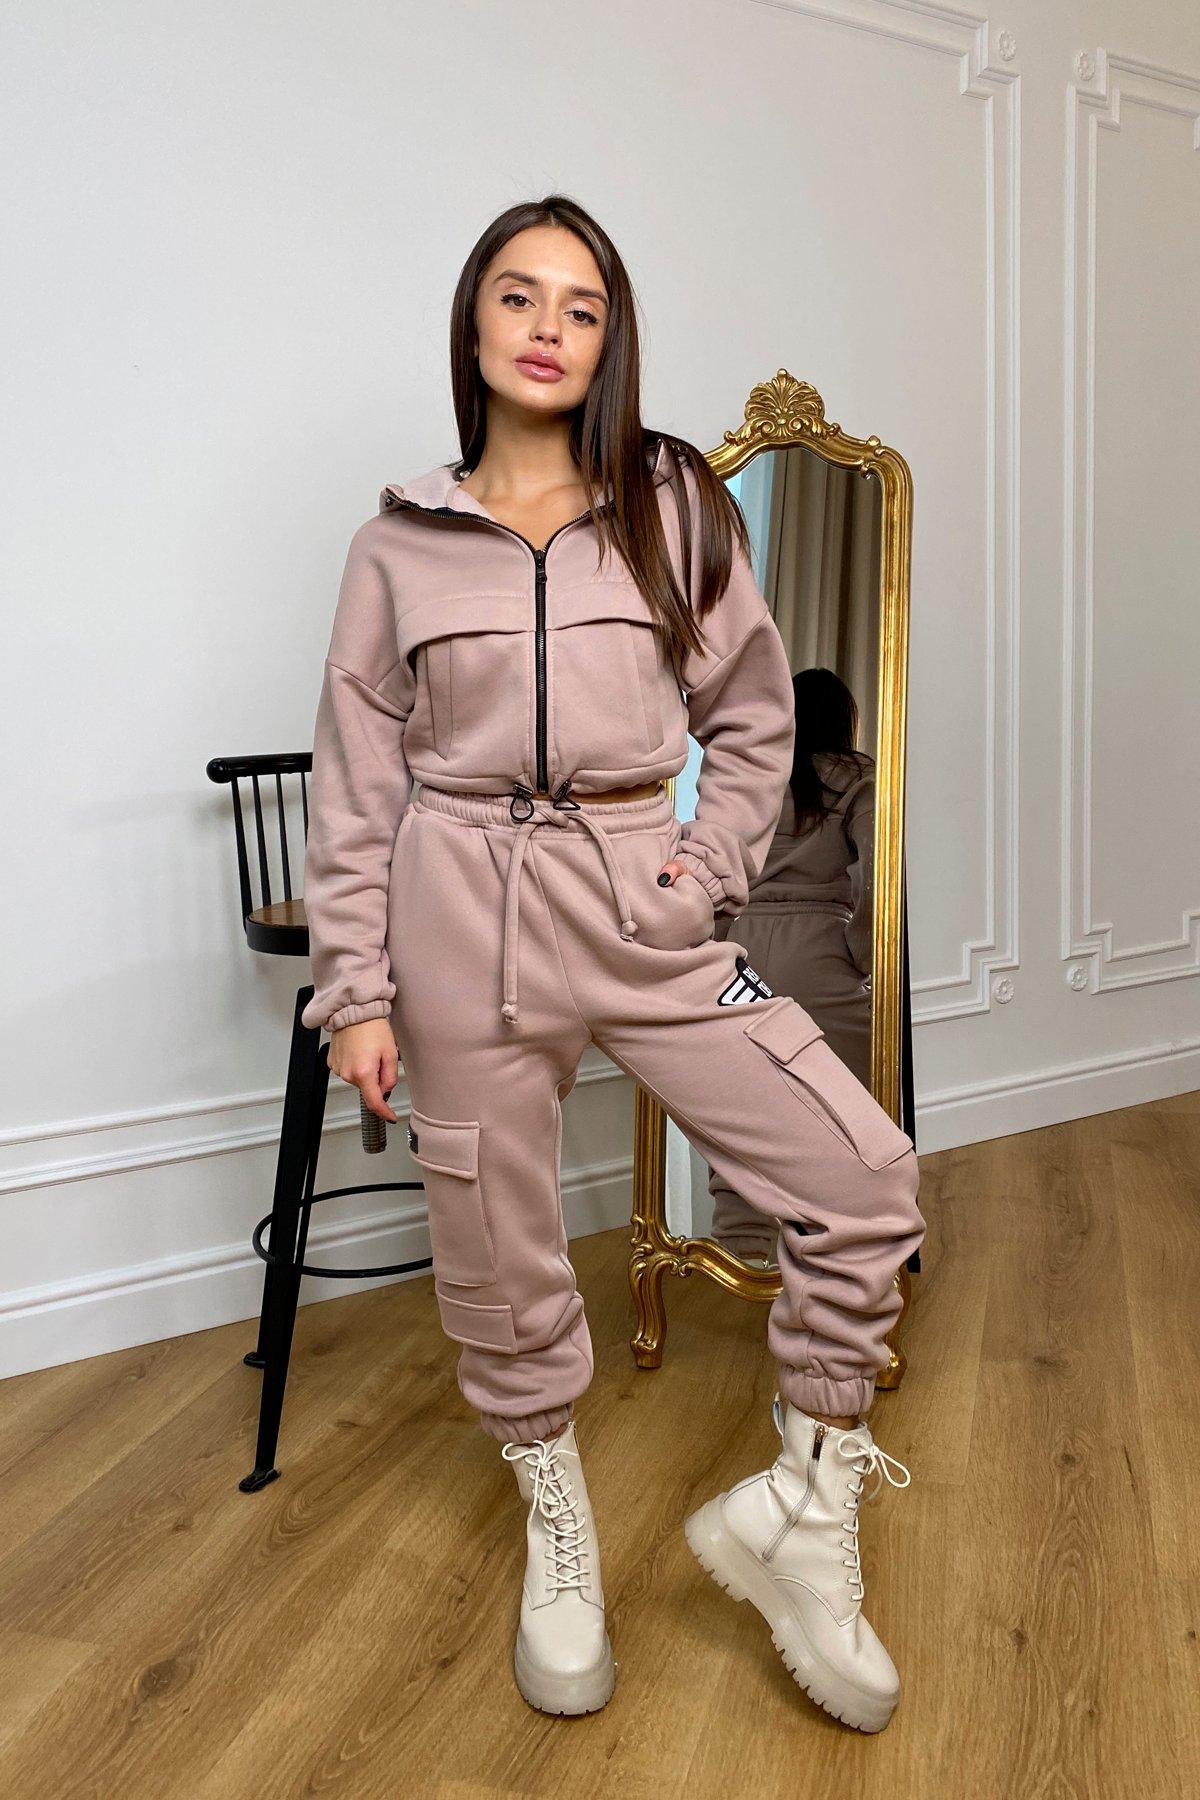 Женская одежда оптом от производителя  Кьюи  прогулочный костю 3х нитка с начесом 9933